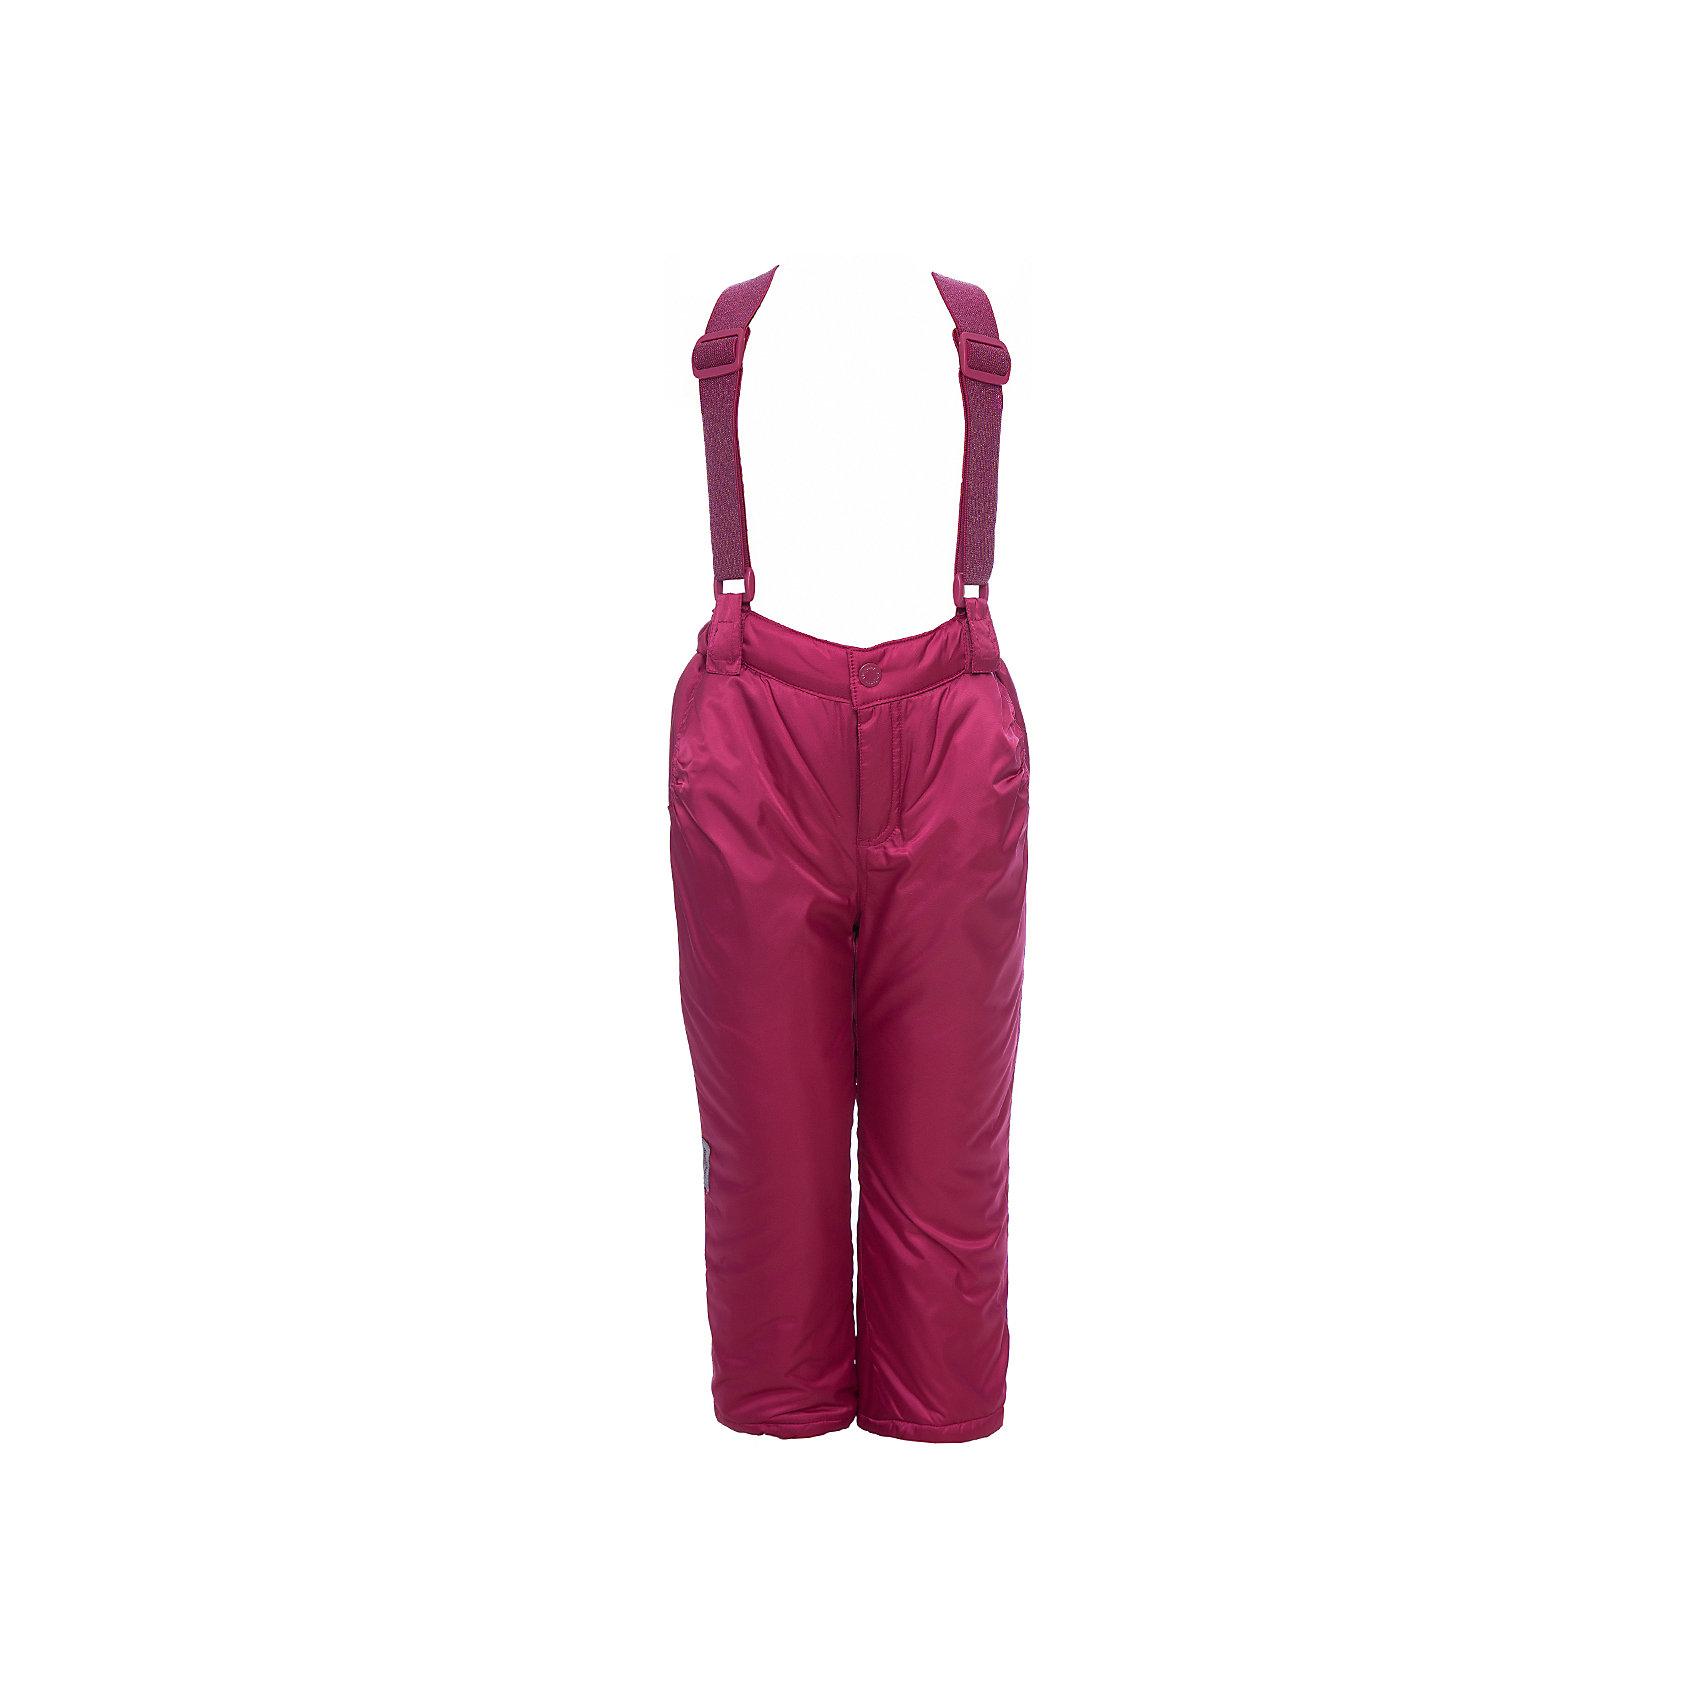 Брюки PlayToday для девочкиВерхняя одежда<br>Брюки PlayToday для девочки<br>Брюки из водонепроницаемой ткани. Регулируемые бретели на липучках, при необходимости их можно отстегнуть. Пояс на широкой резинке. Брюки застегиваются на молнию и кнопку. Низ штанин дна регулирруемых шнурах - кулисках. Светоотражатели обеспечат видимость ребенка в темное время суток. Брюки с встрочными карманами.<br>Состав:<br>Верх: 100% полиэстер, Подкладка: 100% полиэстер, Наполнитель: 100% полиэстер, 150 г/м2<br><br>Ширина мм: 215<br>Глубина мм: 88<br>Высота мм: 191<br>Вес г: 336<br>Цвет: красный<br>Возраст от месяцев: 84<br>Возраст до месяцев: 96<br>Пол: Женский<br>Возраст: Детский<br>Размер: 128,98,104,110,116,122<br>SKU: 7110973